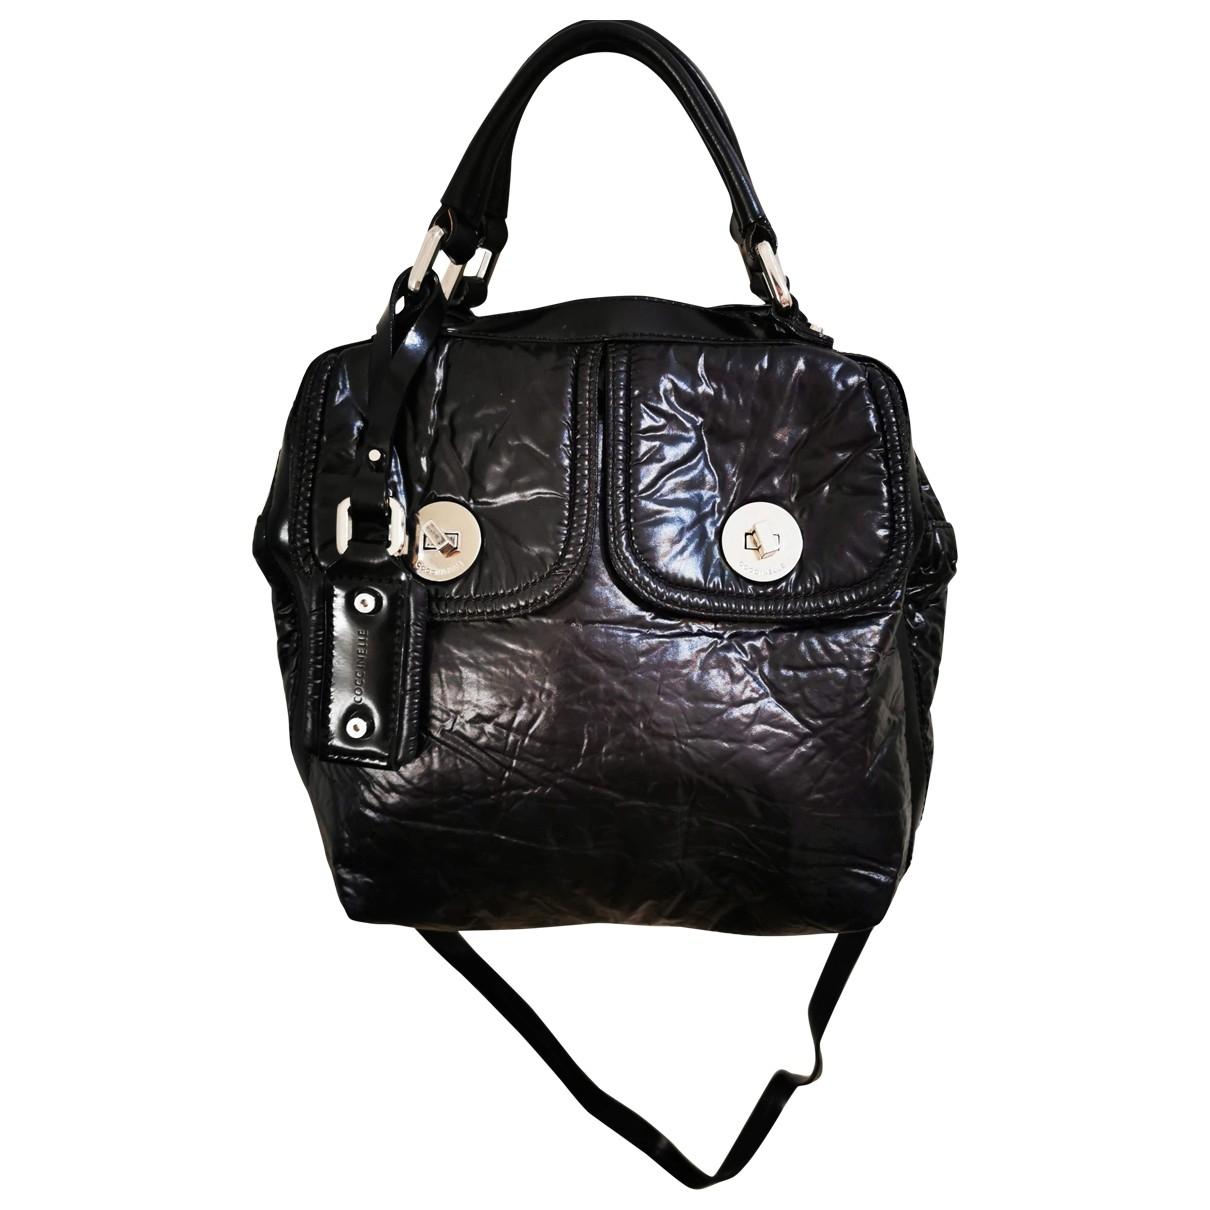 Coccinelle \N Black handbag for Women \N